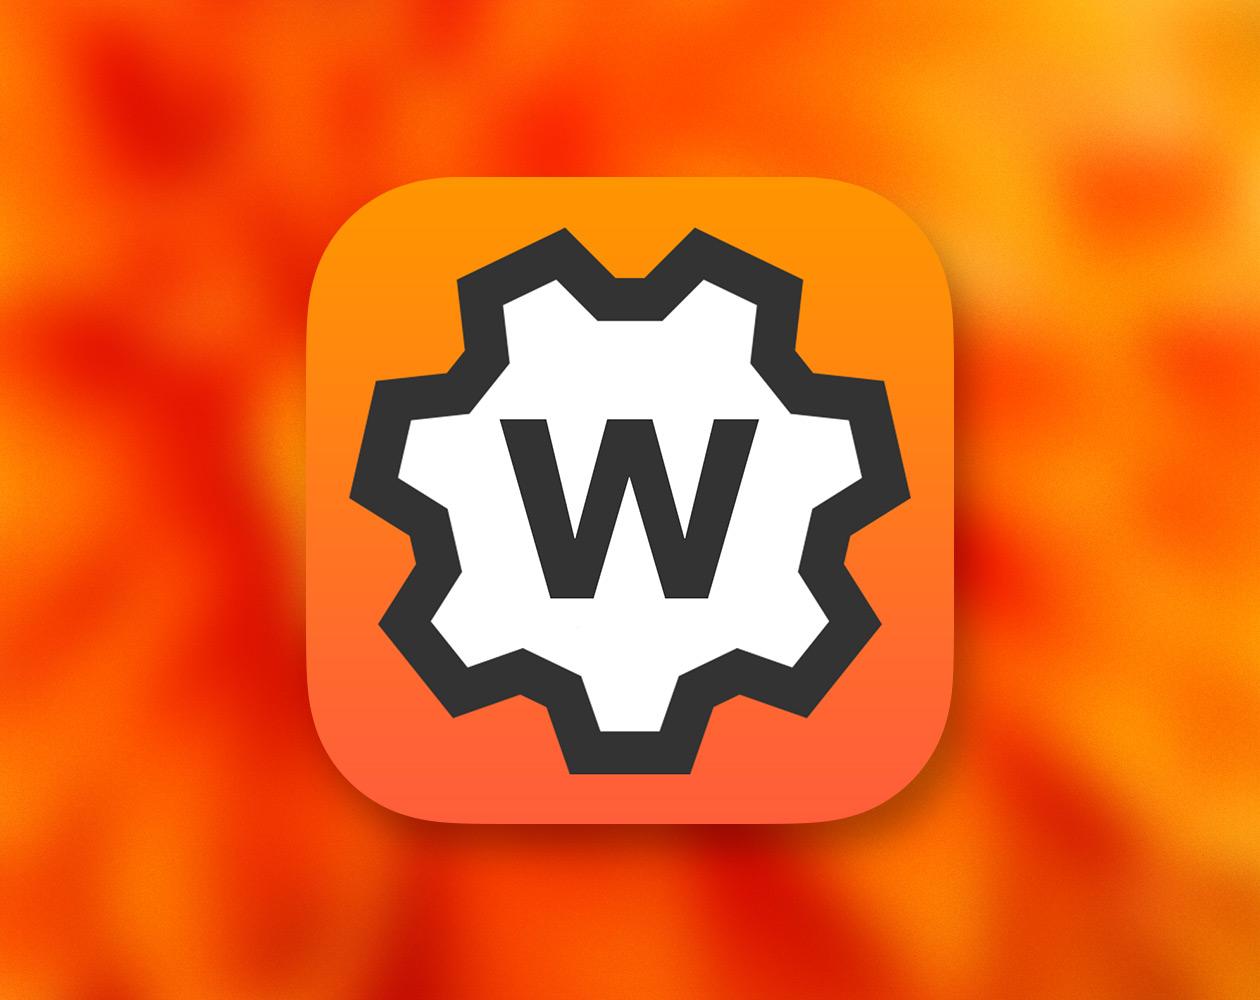 Wdgts: 5 полезных виджетов в одном приложении